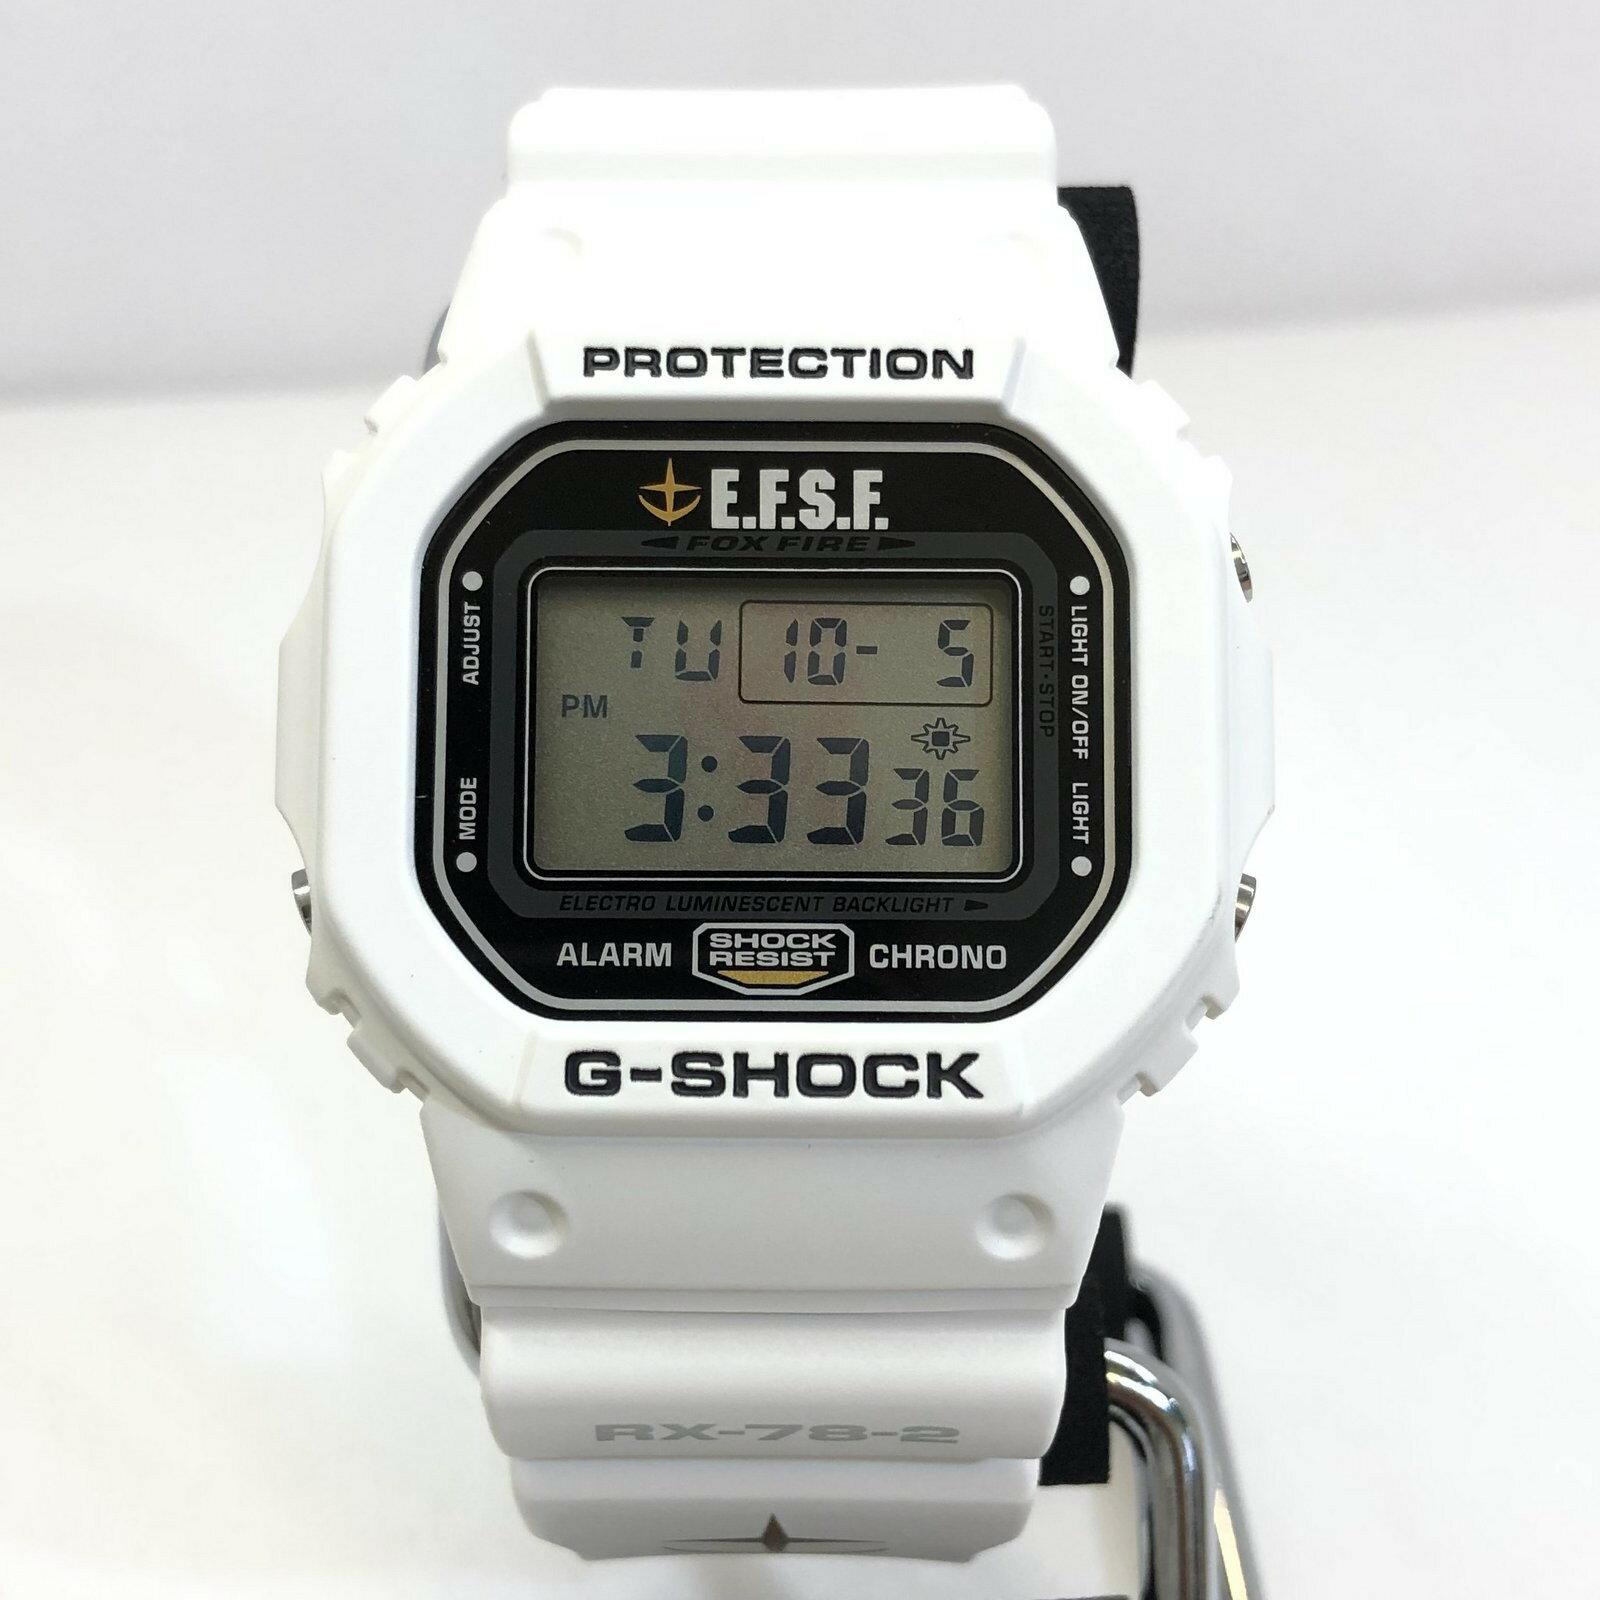 腕時計, メンズ腕時計 G-SHOCK CASIO DW-5600VT 30 RX-78-2 E.F.S.F T ITYO203WEOC8 RY5342